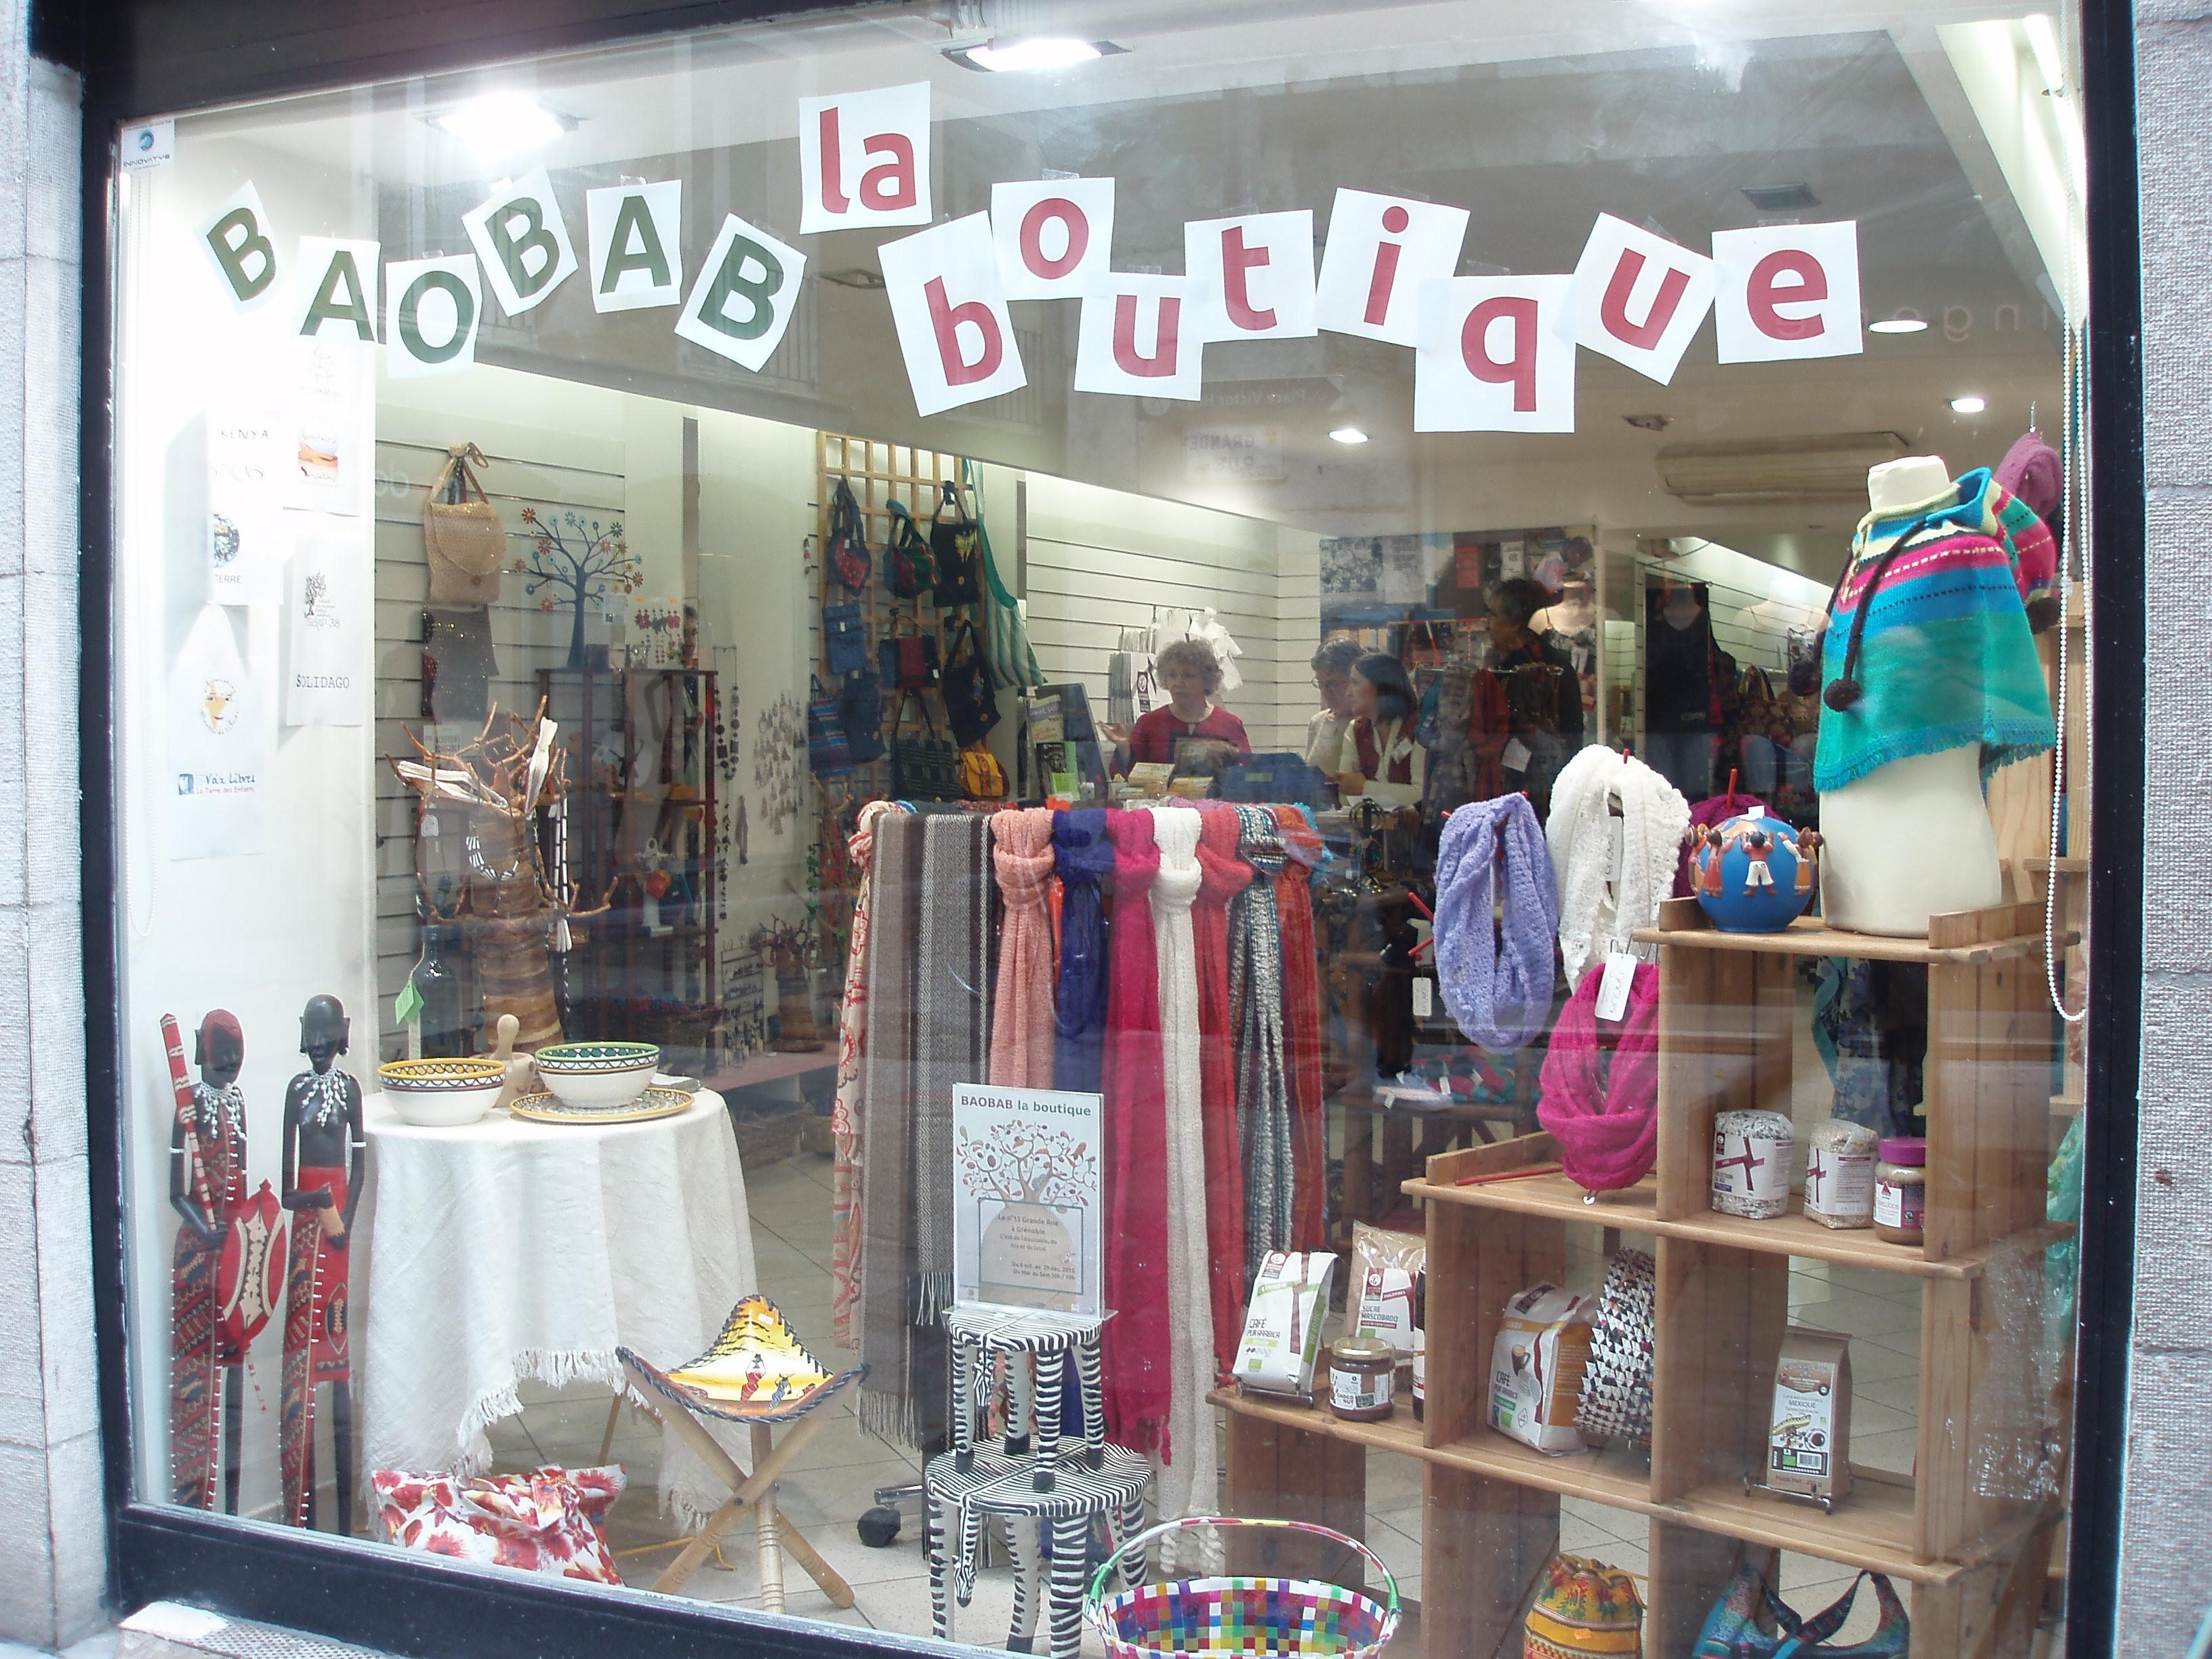 Baobab, la boutique : des produits équitables, bio et locaux ...